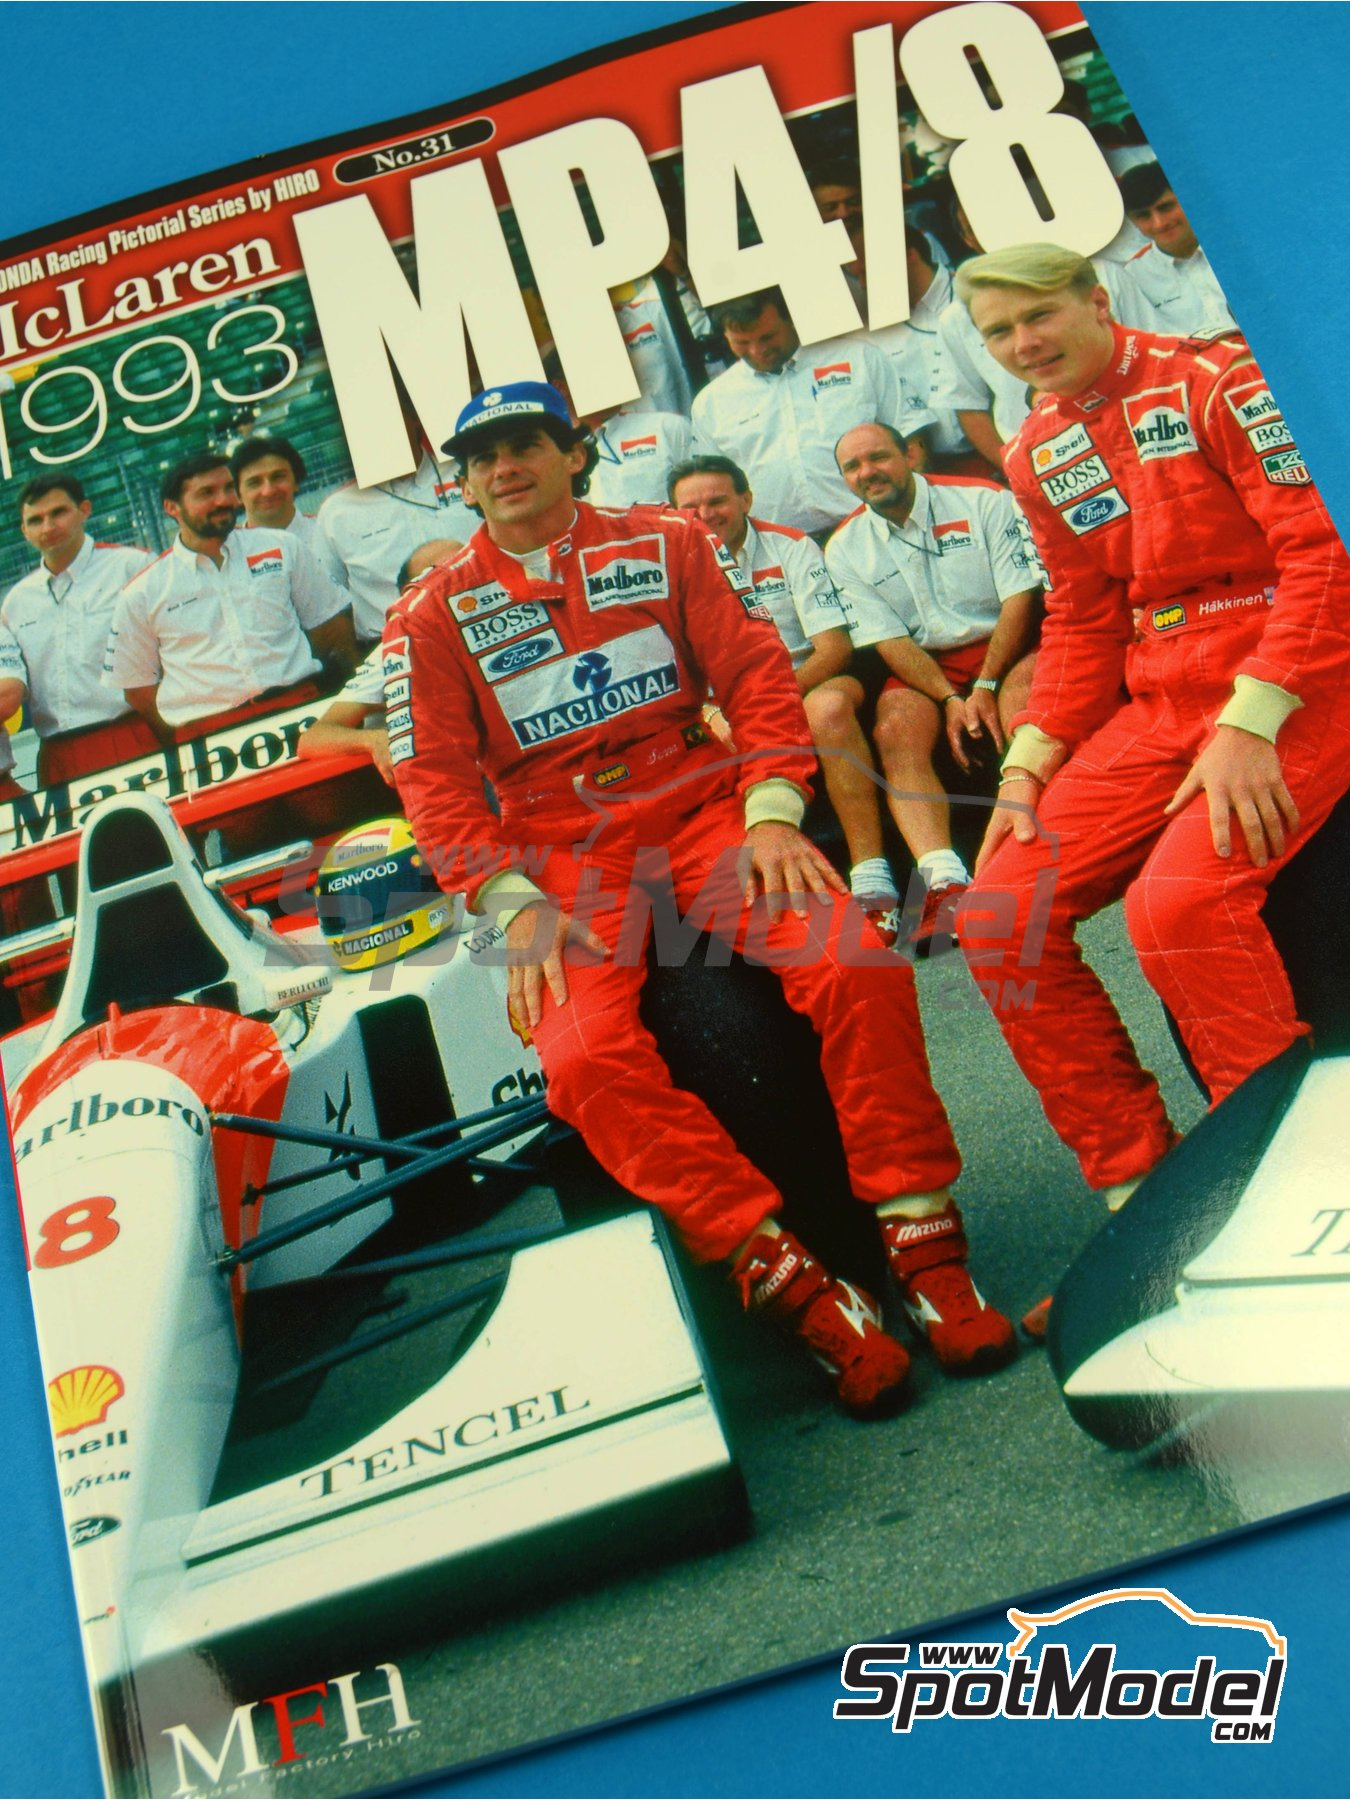 JOE HONDA Racing Pictorial Series - MP4/8 - Campeonato del Mundo de Formula1 1993 | Libro de referencia fabricado por Model Factory Hiro (ref.MFH-JH31) image